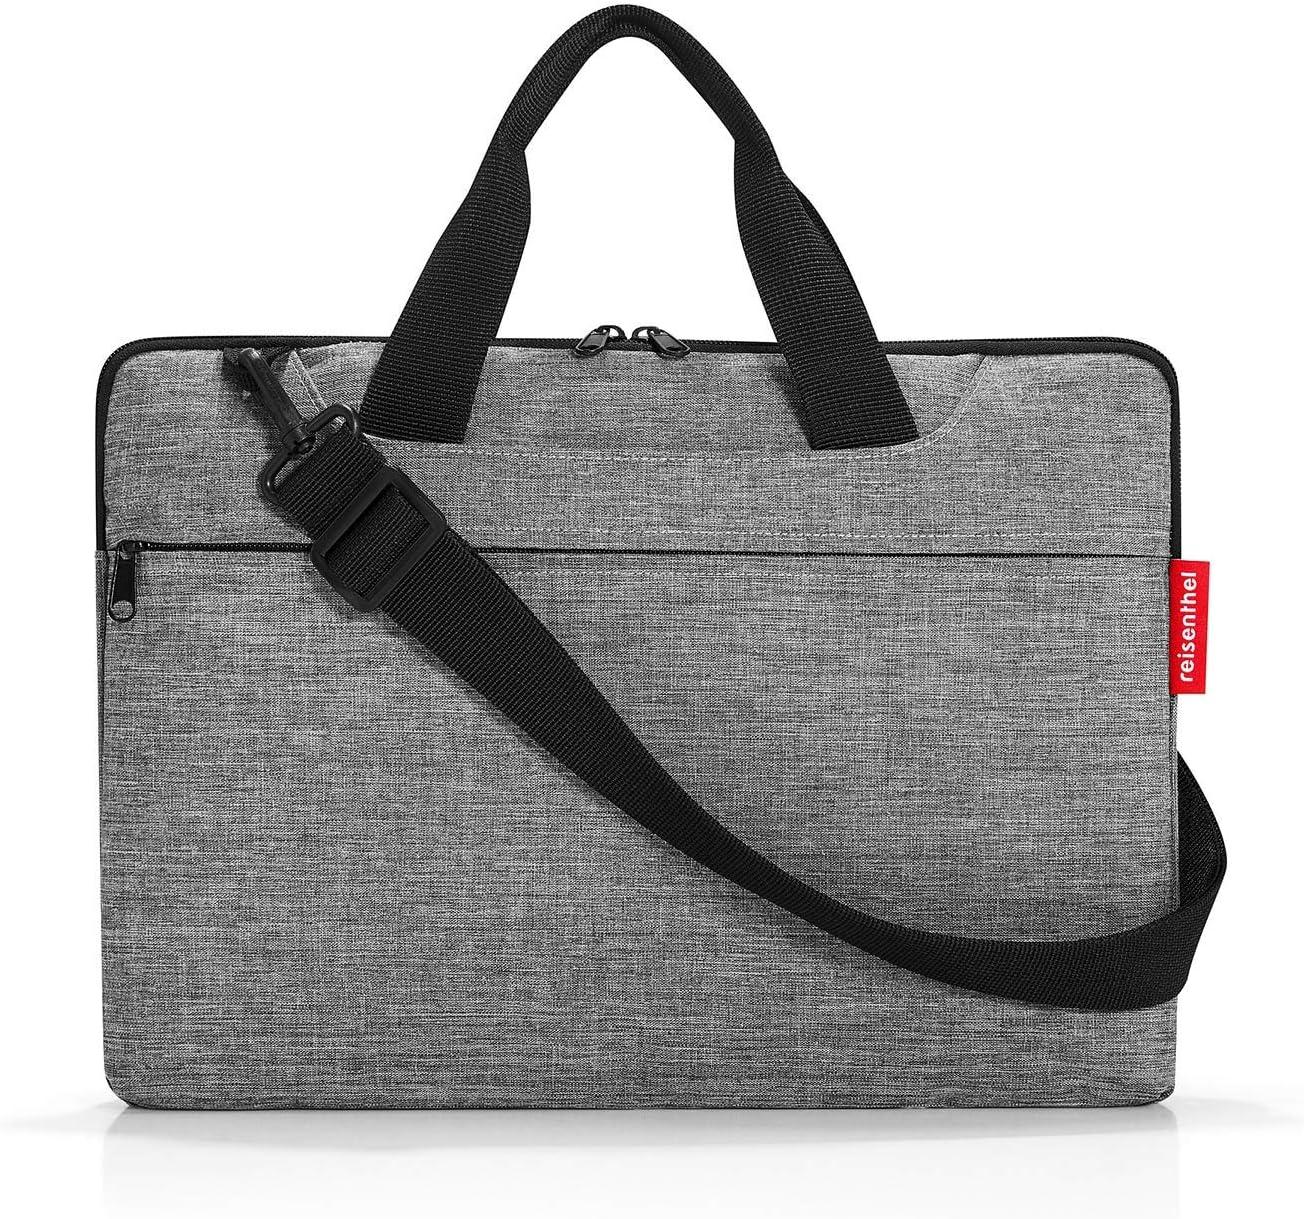 Reisenthel netbookbag Twist Silver Mallette 40 Centimeters 5 Gris Twist Silver